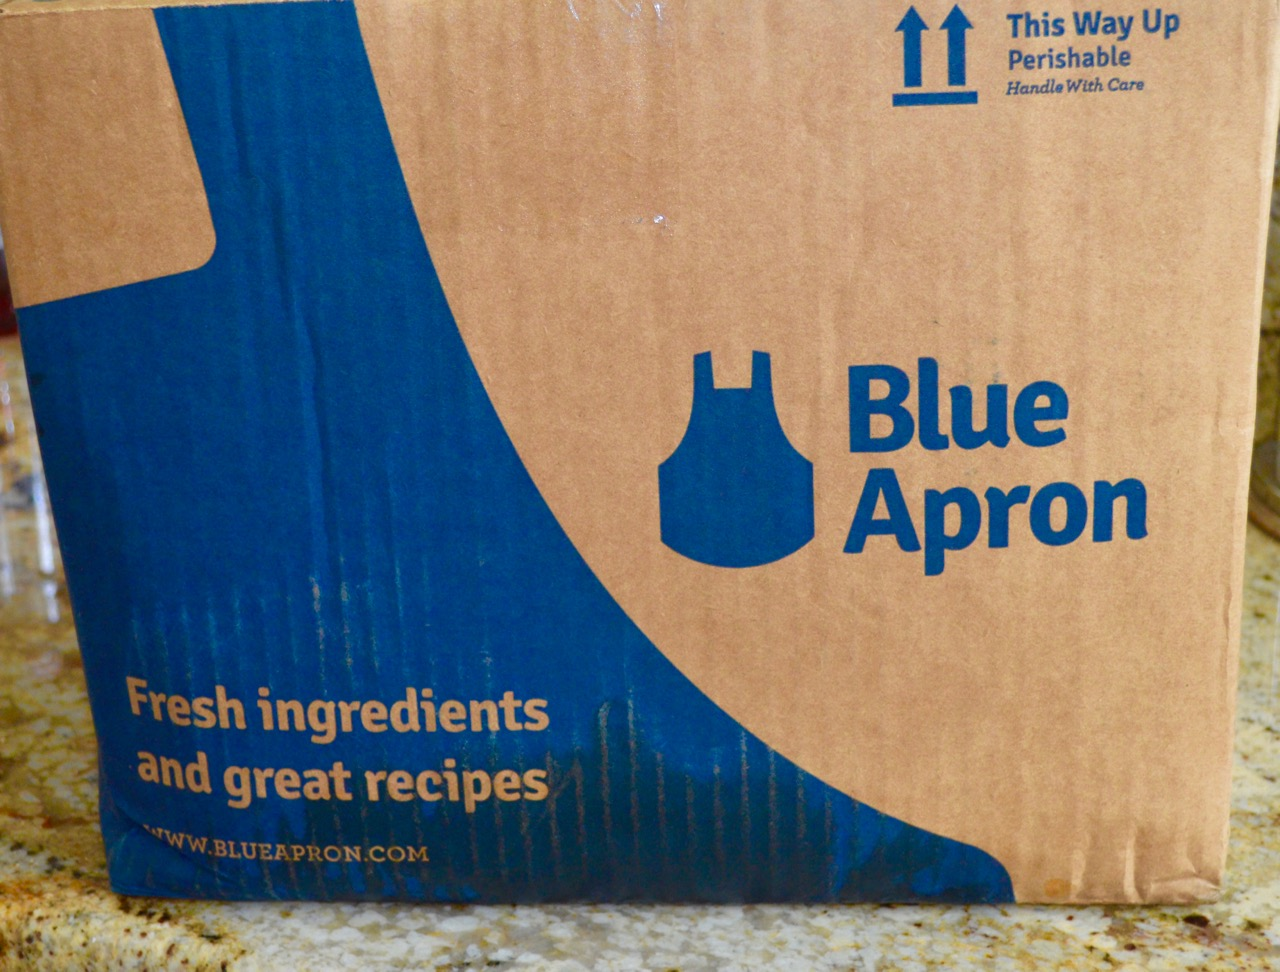 Blue apron pork burgers - Blue Apron